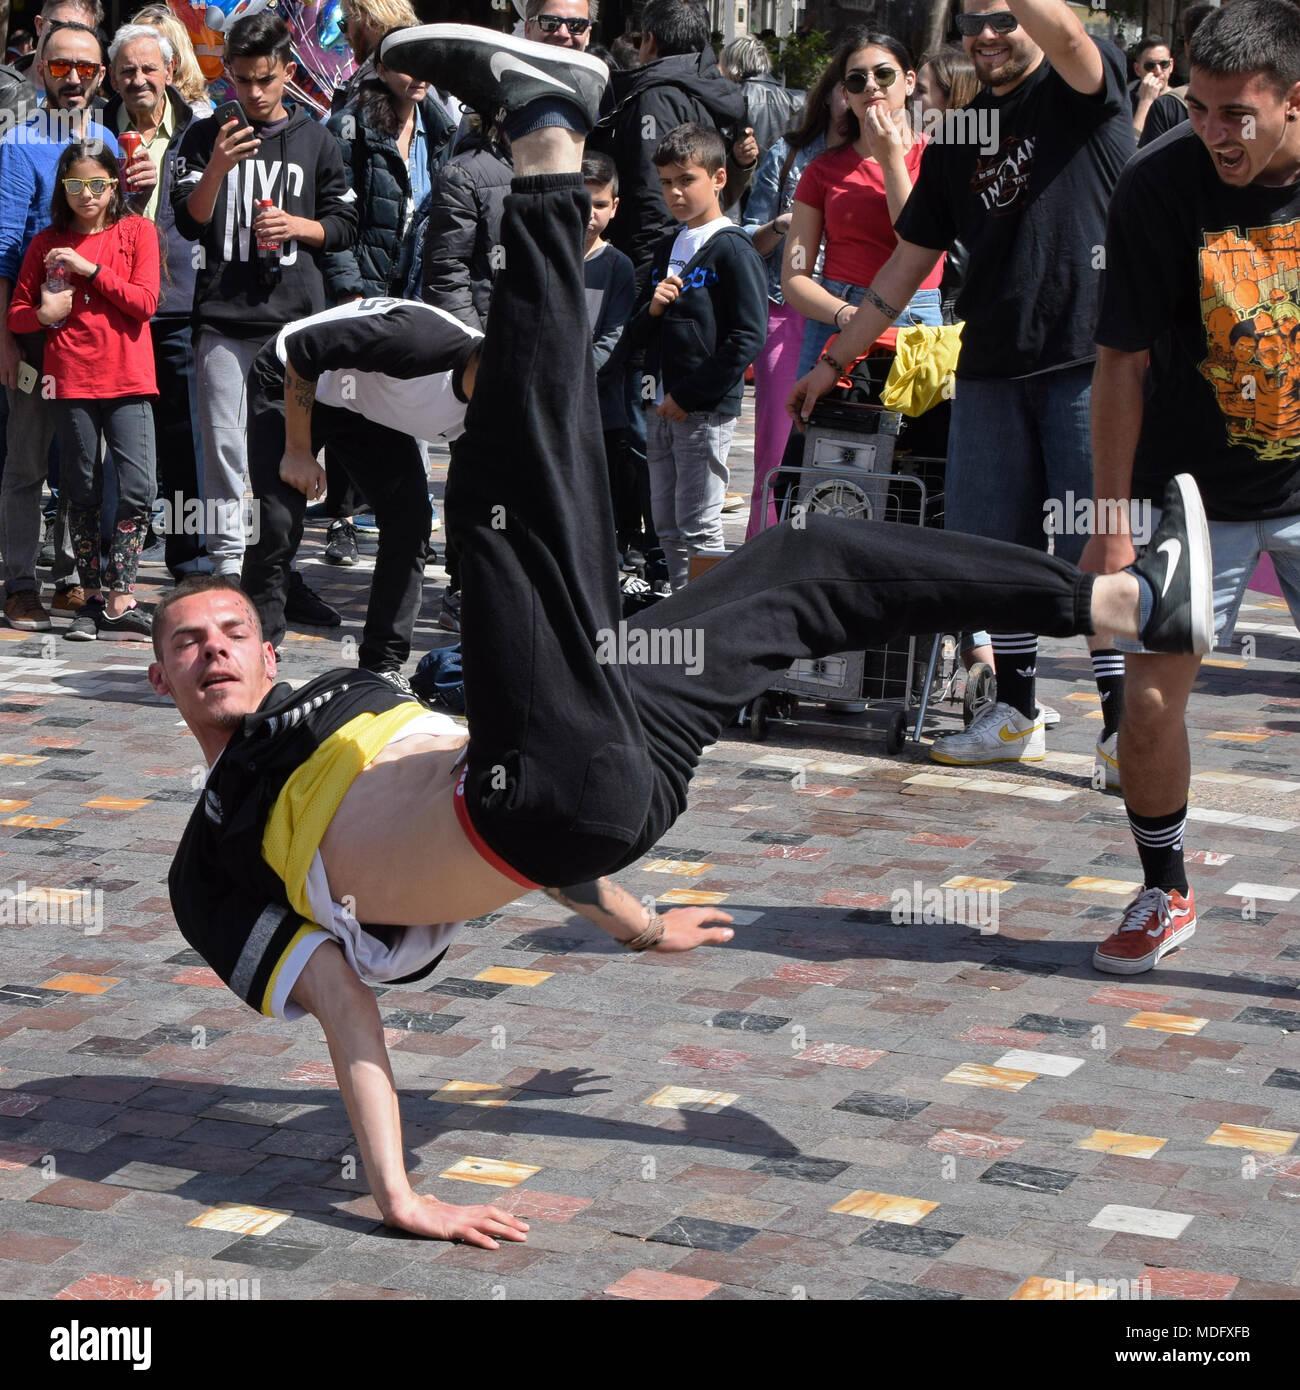 Atenas, Grecia - Abril 1, 2018: Breakdancer actuando en una plaza pública y multitud de personas. El baile de la calle la cultura juvenil. Imagen De Stock